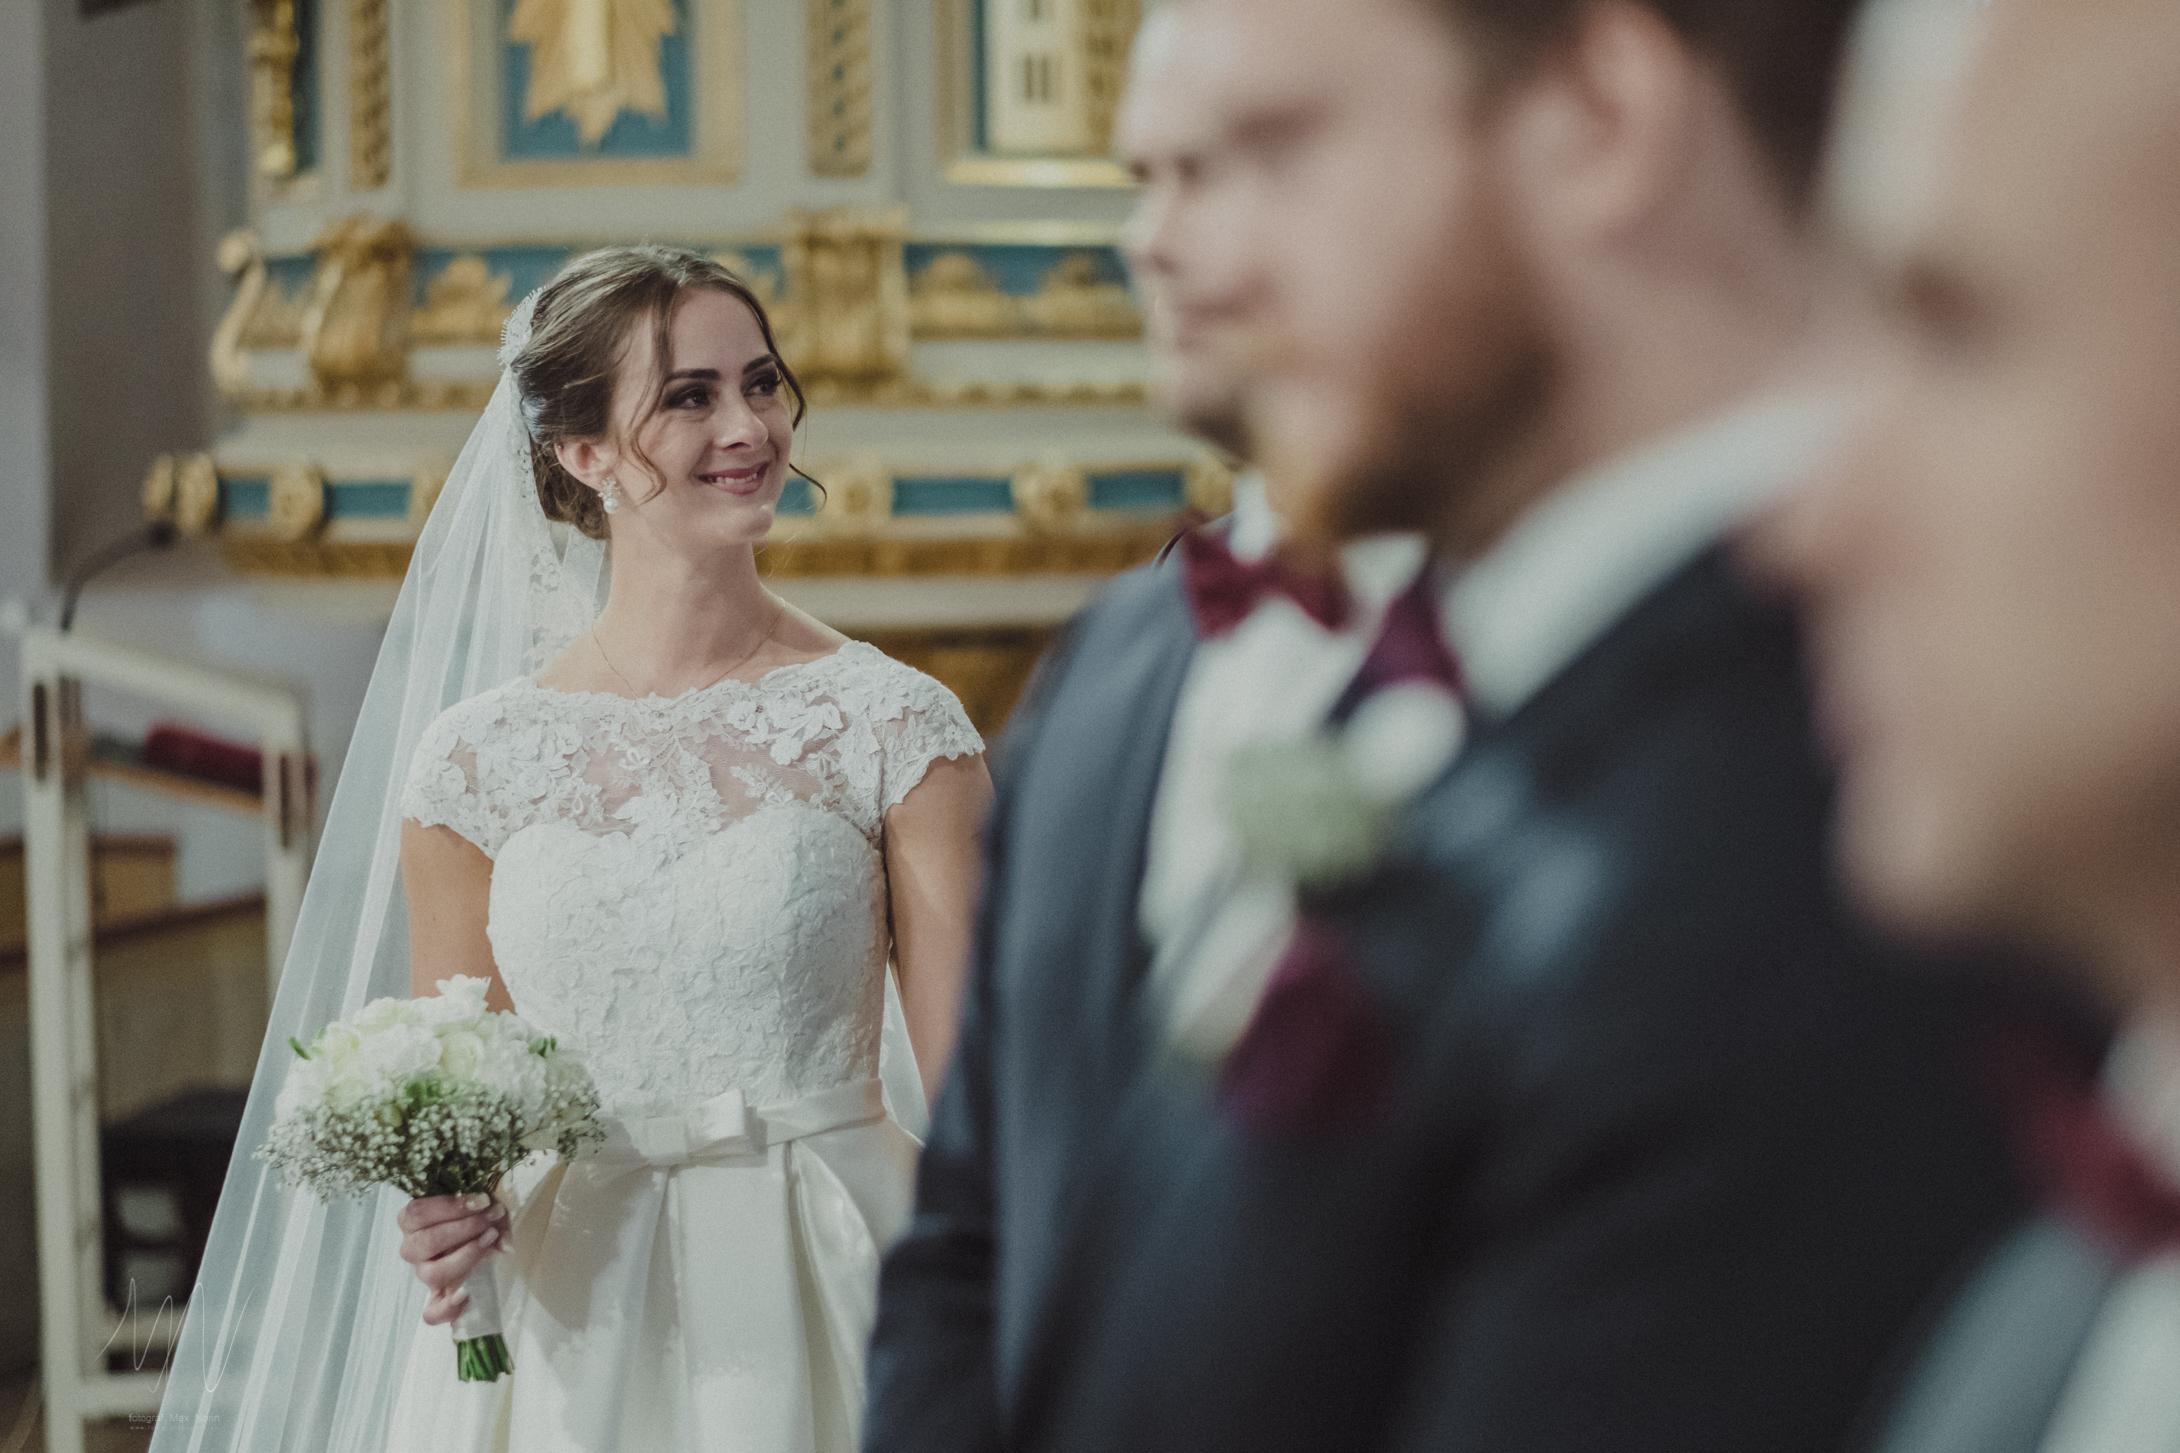 bröllopsfoto-fotograf-max-norin-133.jpg